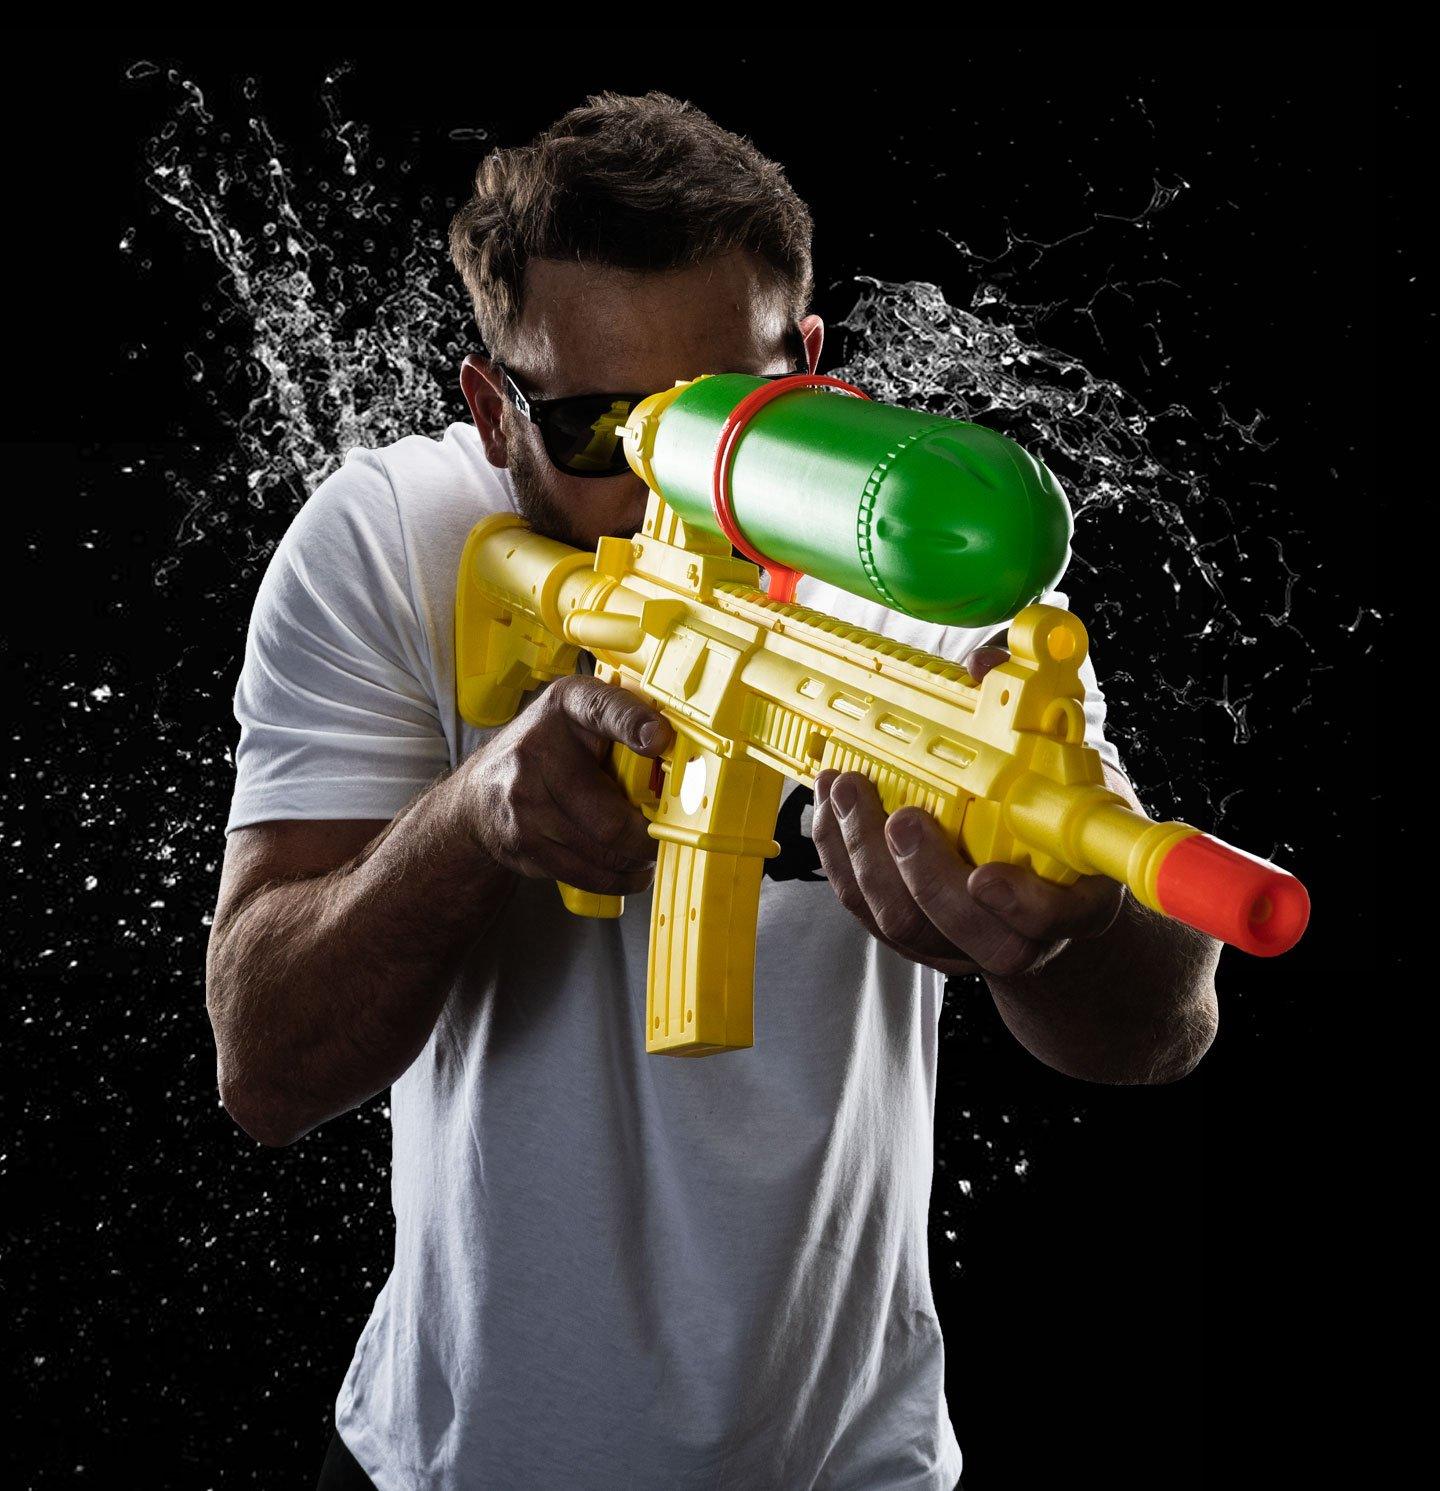 urt watergun noveske rifleworks water hog 5000 tactical water gun